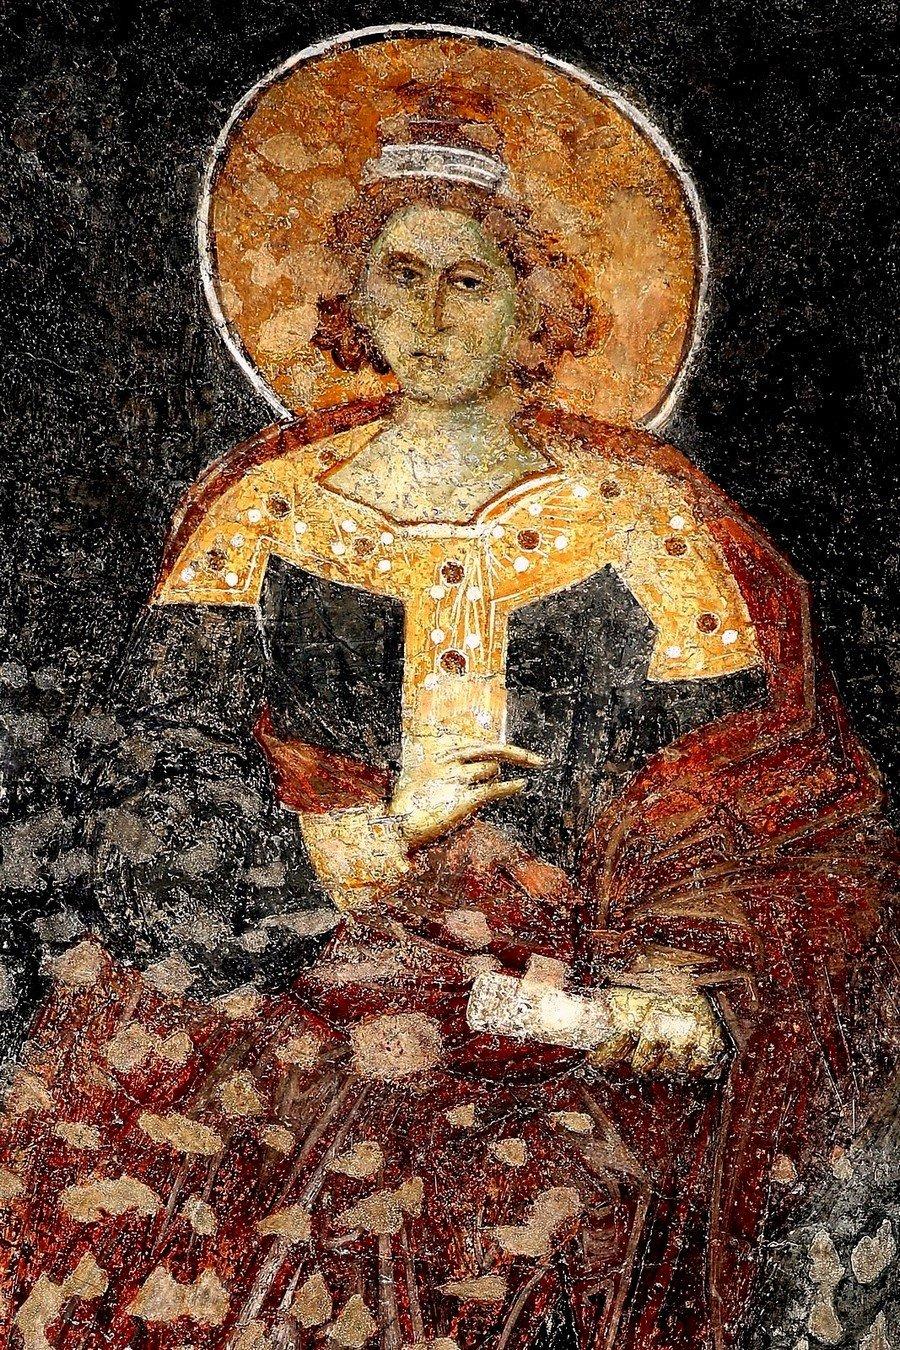 Святой Пророк Даниил. Фреска церкви Богородицы Левишки в Призрене, Косово и Метохия, Сербия. Около 1310 - 1313 годов. Иконописцы Михаил Астрапа и Евтихий.